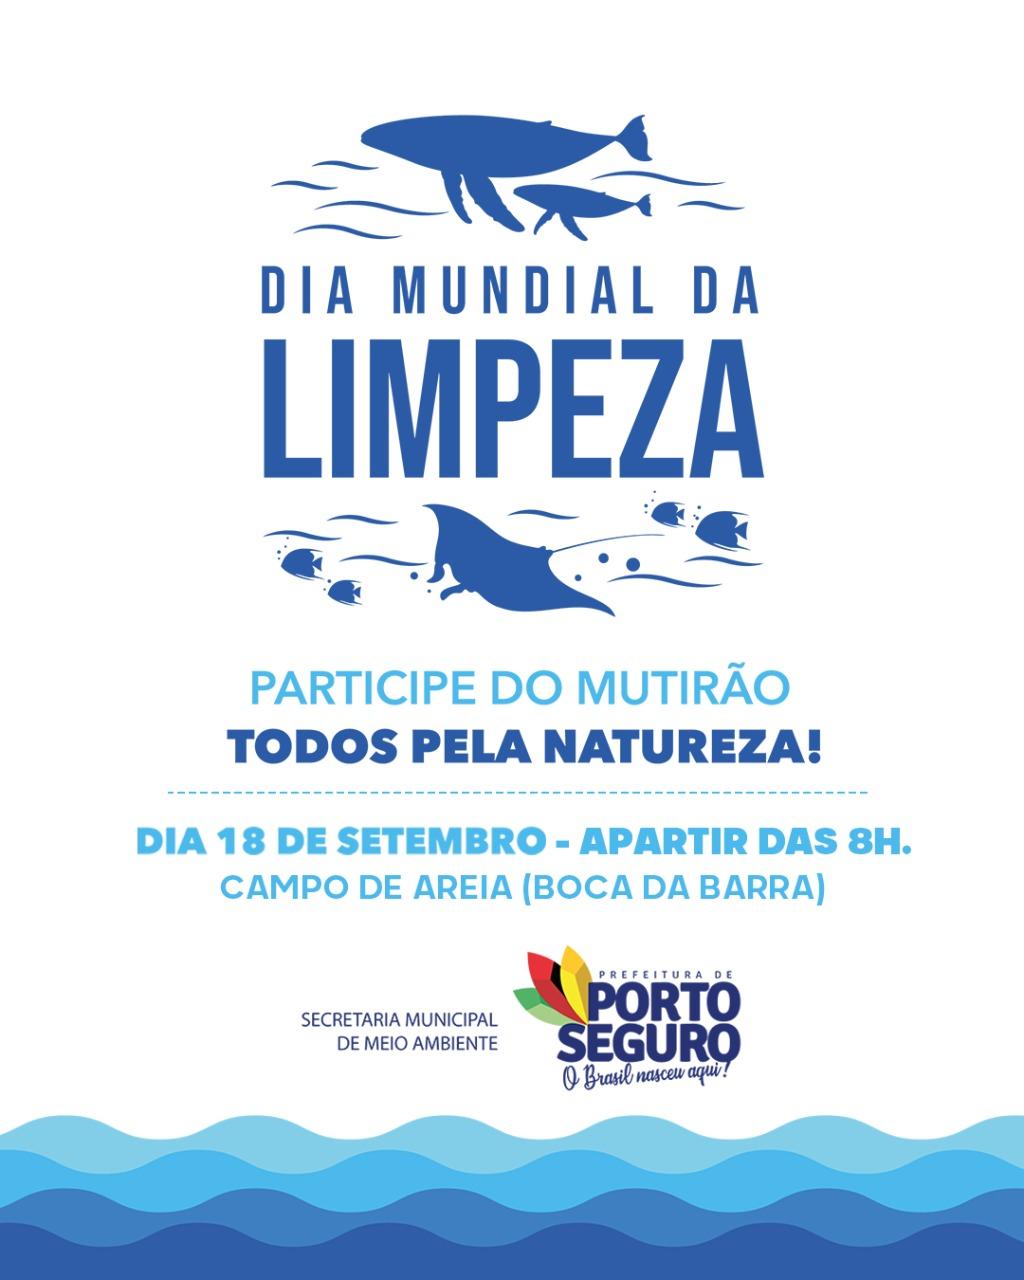 Porto Seguro abraça Dia Mundial da Limpeza com mutirão nas praias e consciência ecológica 23